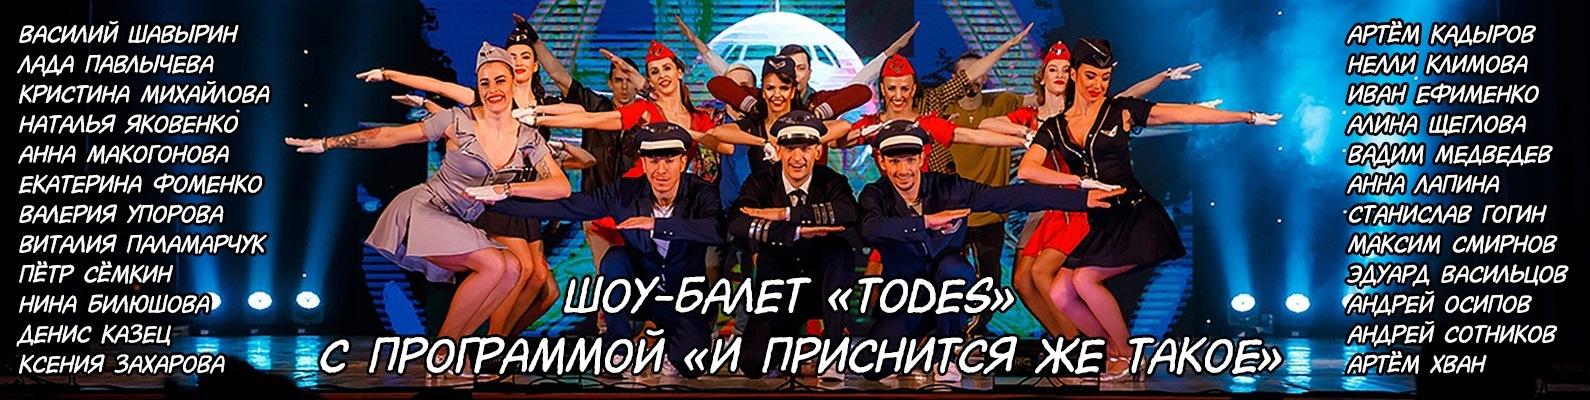 Эротические фото группы тодес — pic 6